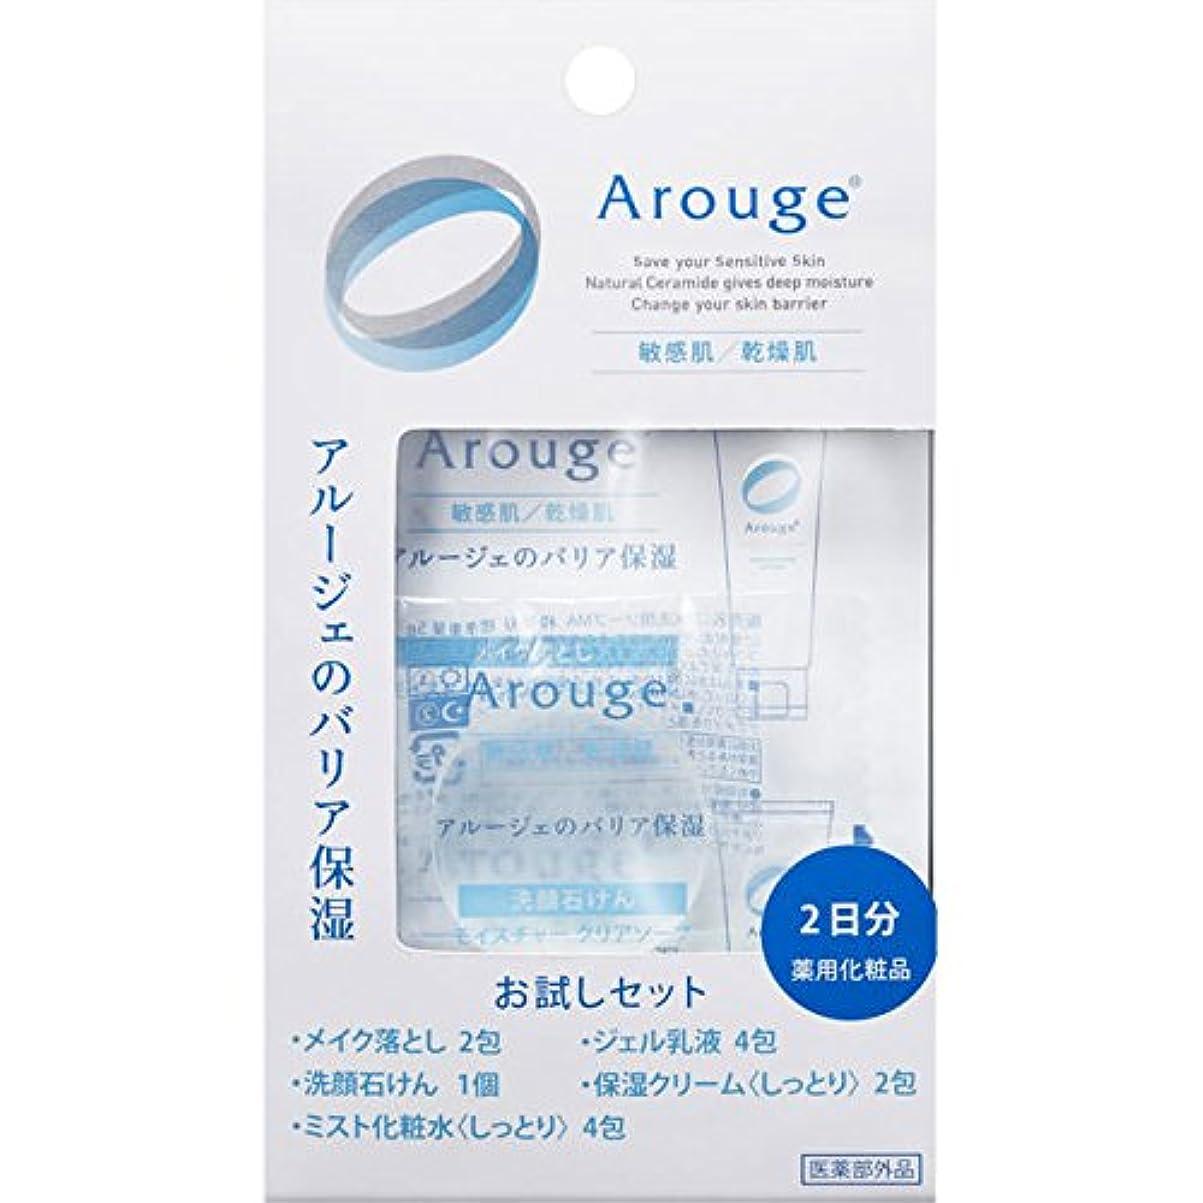 全薬工業 アルージェ お試しセット 5種 (医薬部外品)